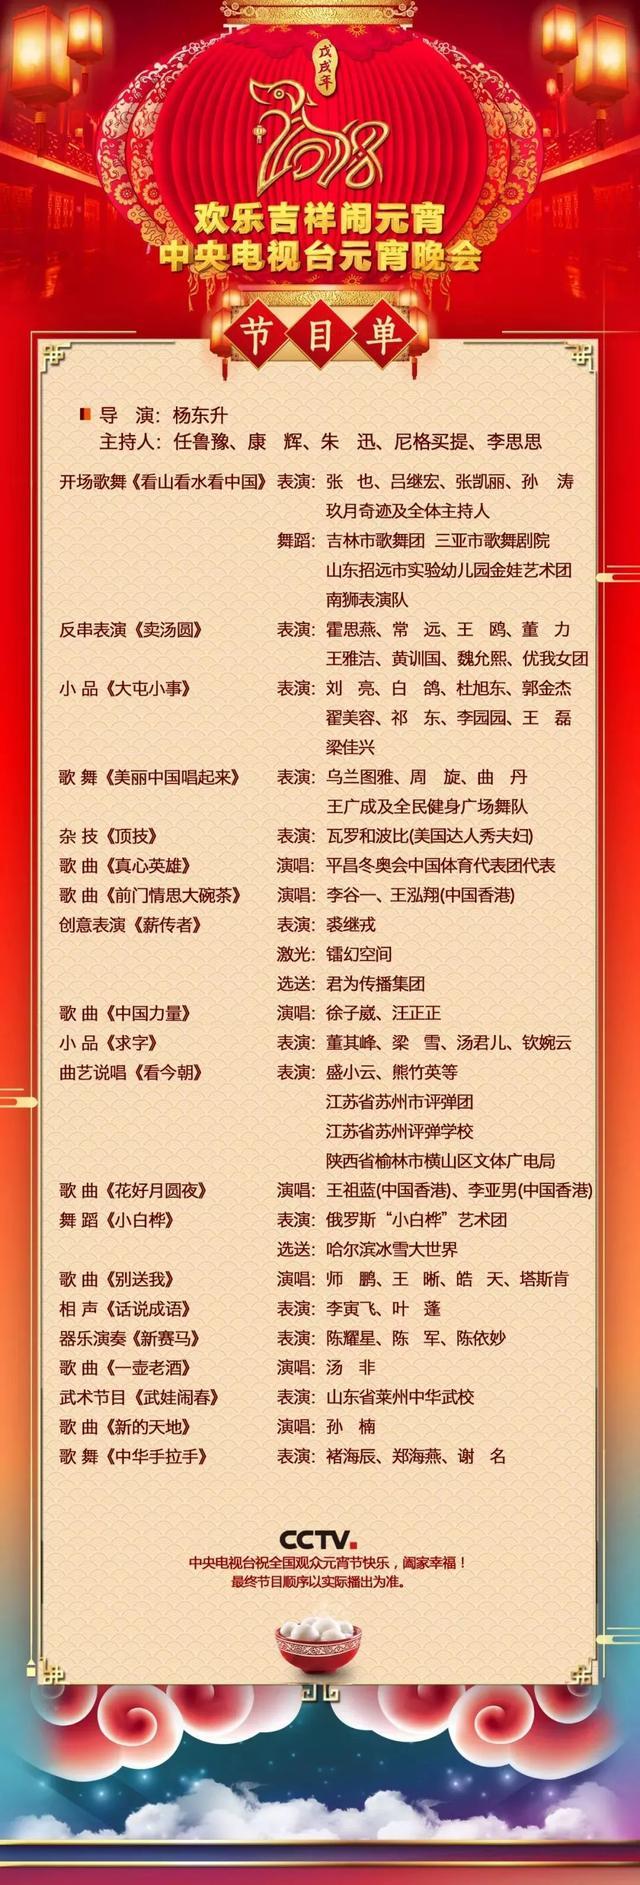 2018各大卫视元宵晚会节目单get起来 湖南、江苏卫视你最心水哪个